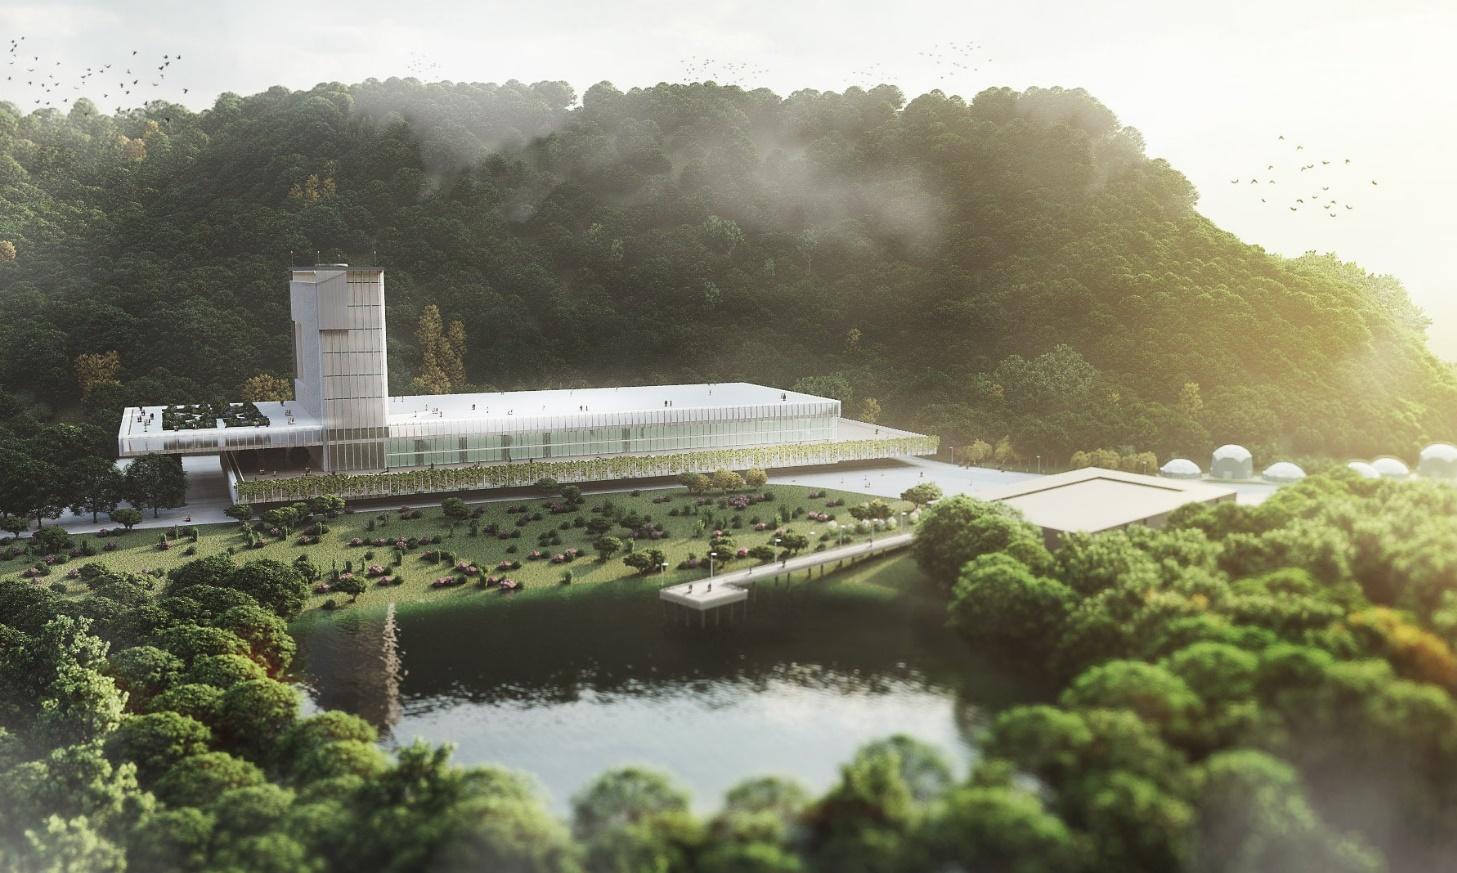 فارم استخراج - السالوادور از ماکت مزرعه استخراج بیت کوین در دست ساخت این کشور رونمایی کرد